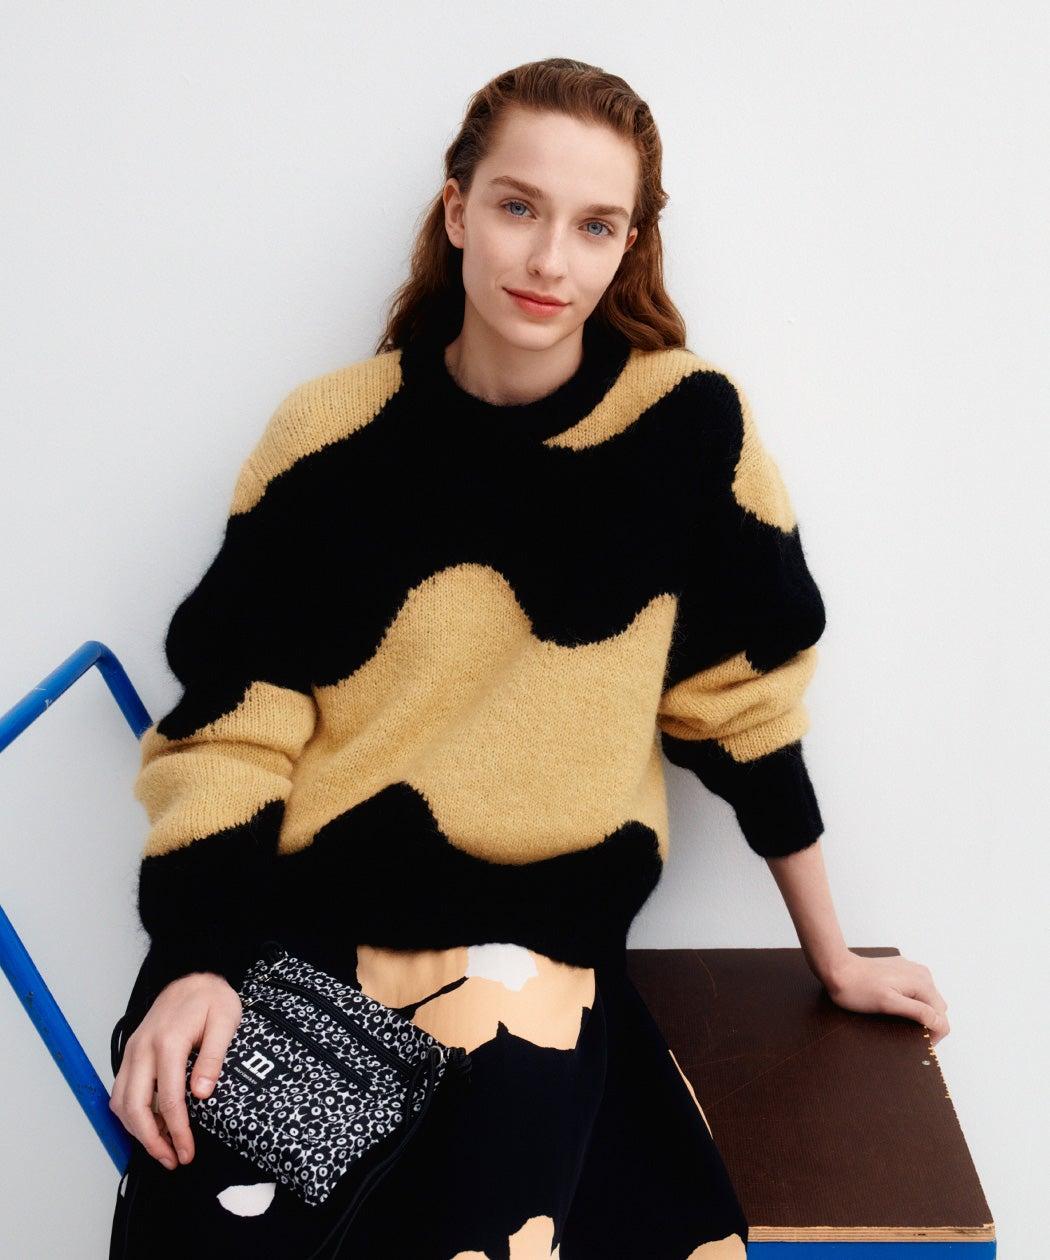 Marimekko fashion